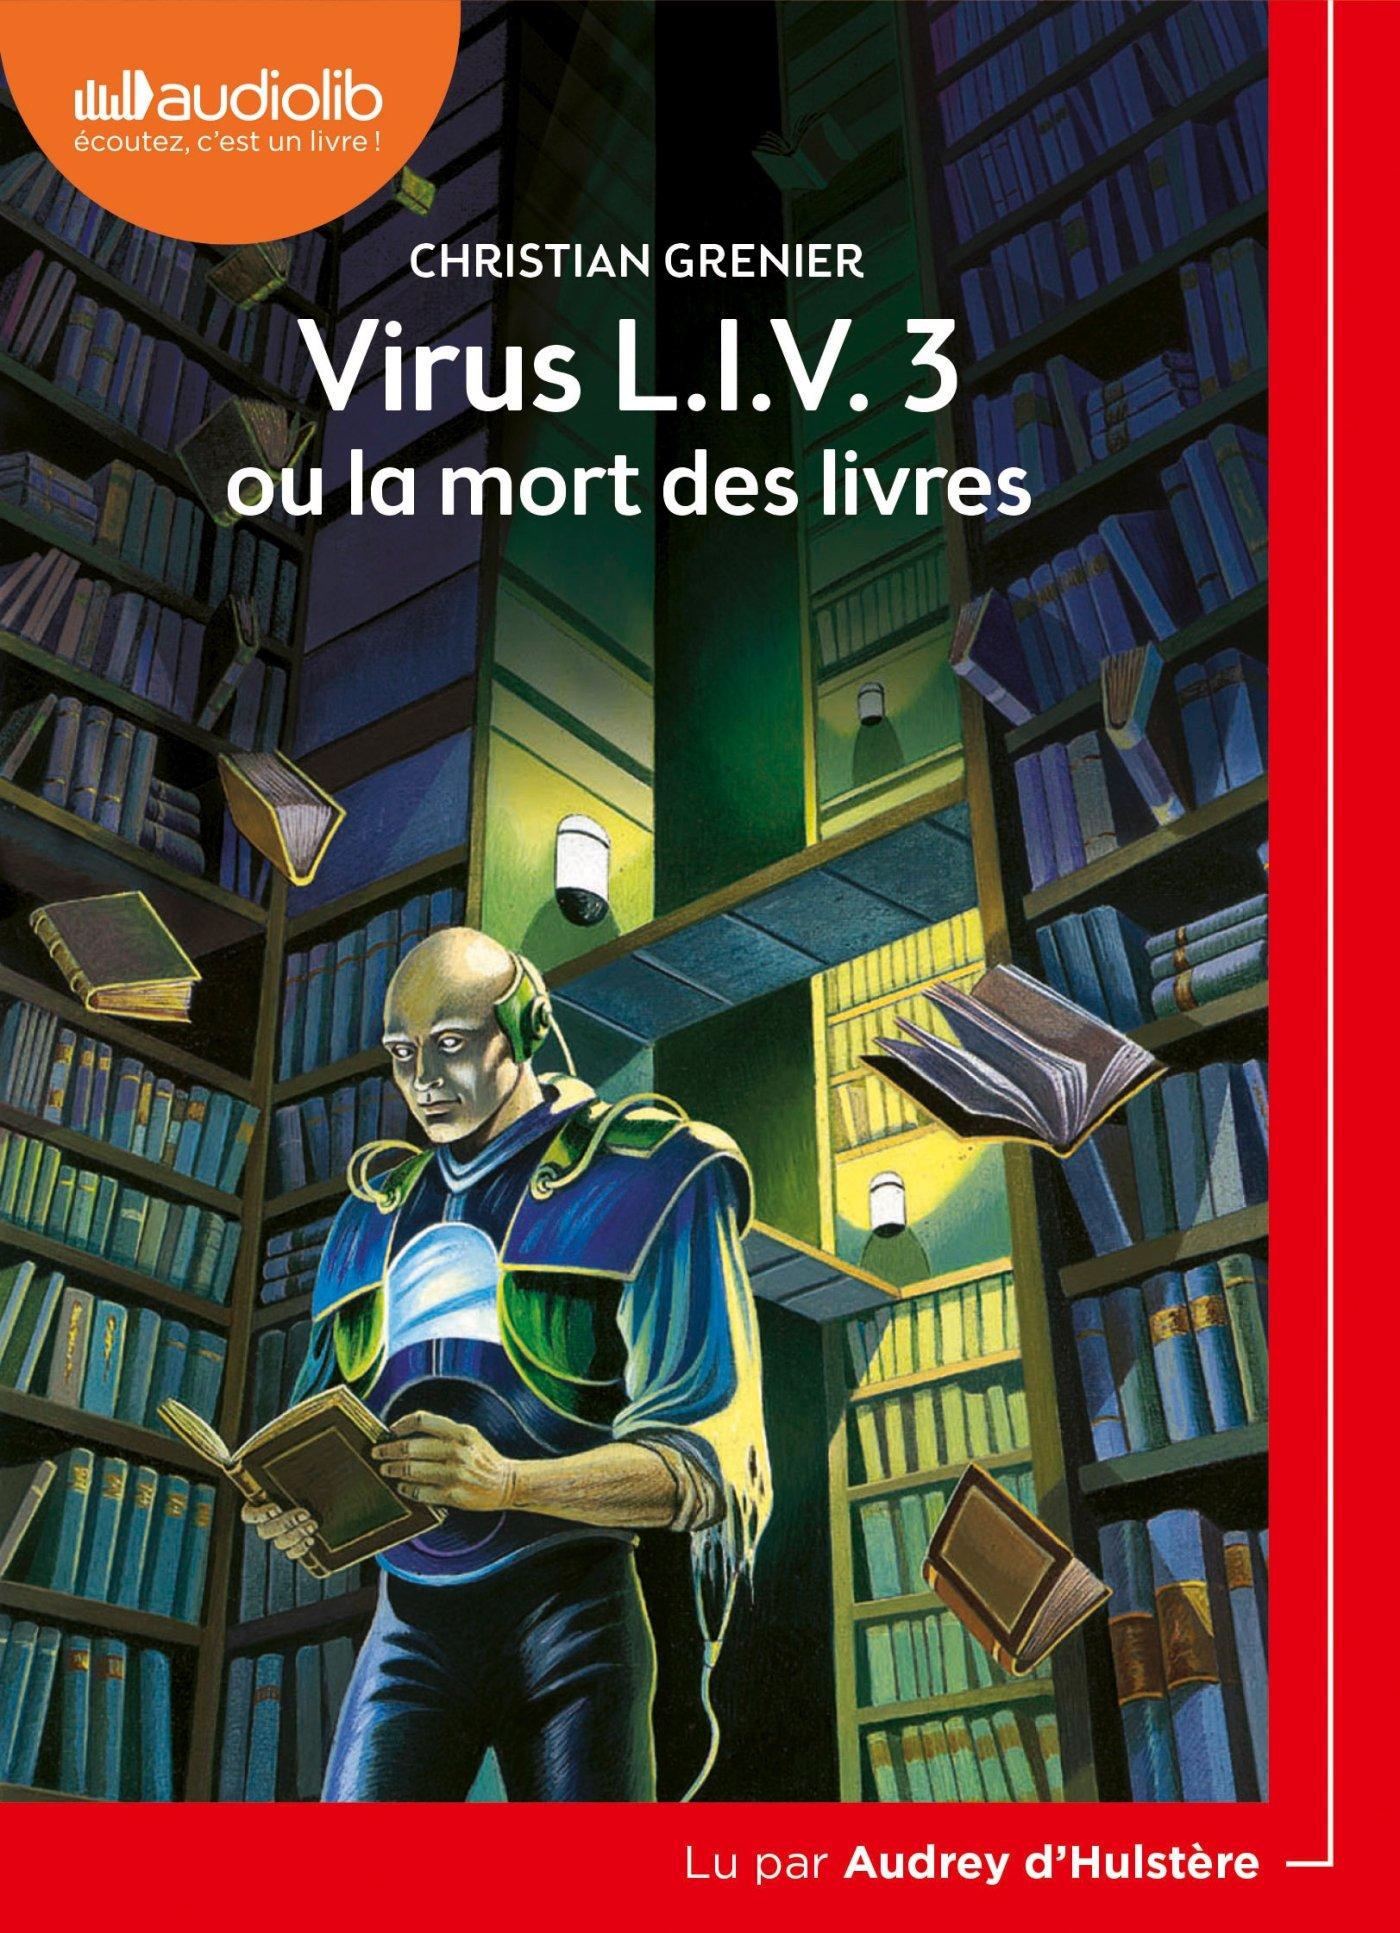 Virus L.I.V. 3 ou la mort des livres: Livre audio 1 CD MP3 Jeunesse: Amazon.es: Grenier, Christian, DHulstère, Audrey: Libros en idiomas extranjeros